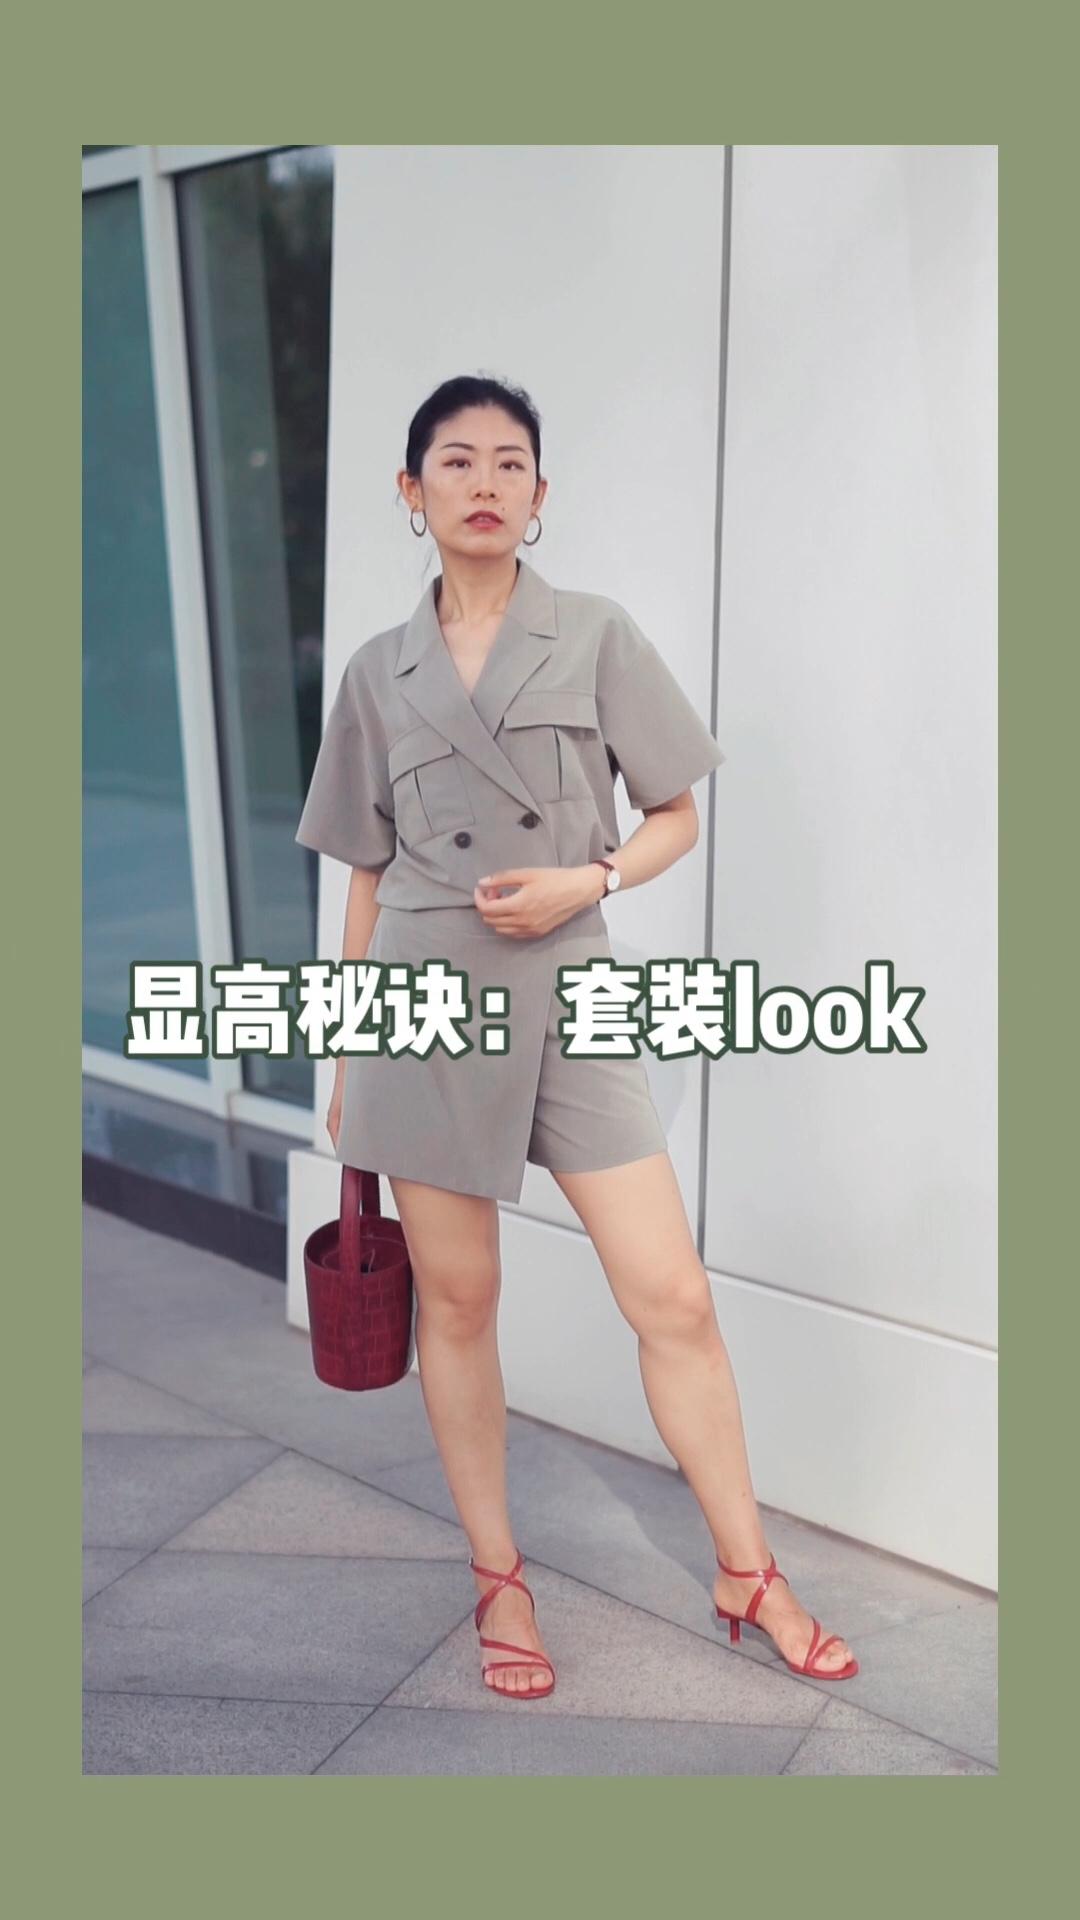 不想费心考虑搭配? 让套装来拯救你的时尚风格。 军绿色时髦指数超高, 配合最近大热的工装风, 瞬间变身街拍达人。 高腰设计无敌显高哦!#显高套装,懒癌小矮妹照搬#